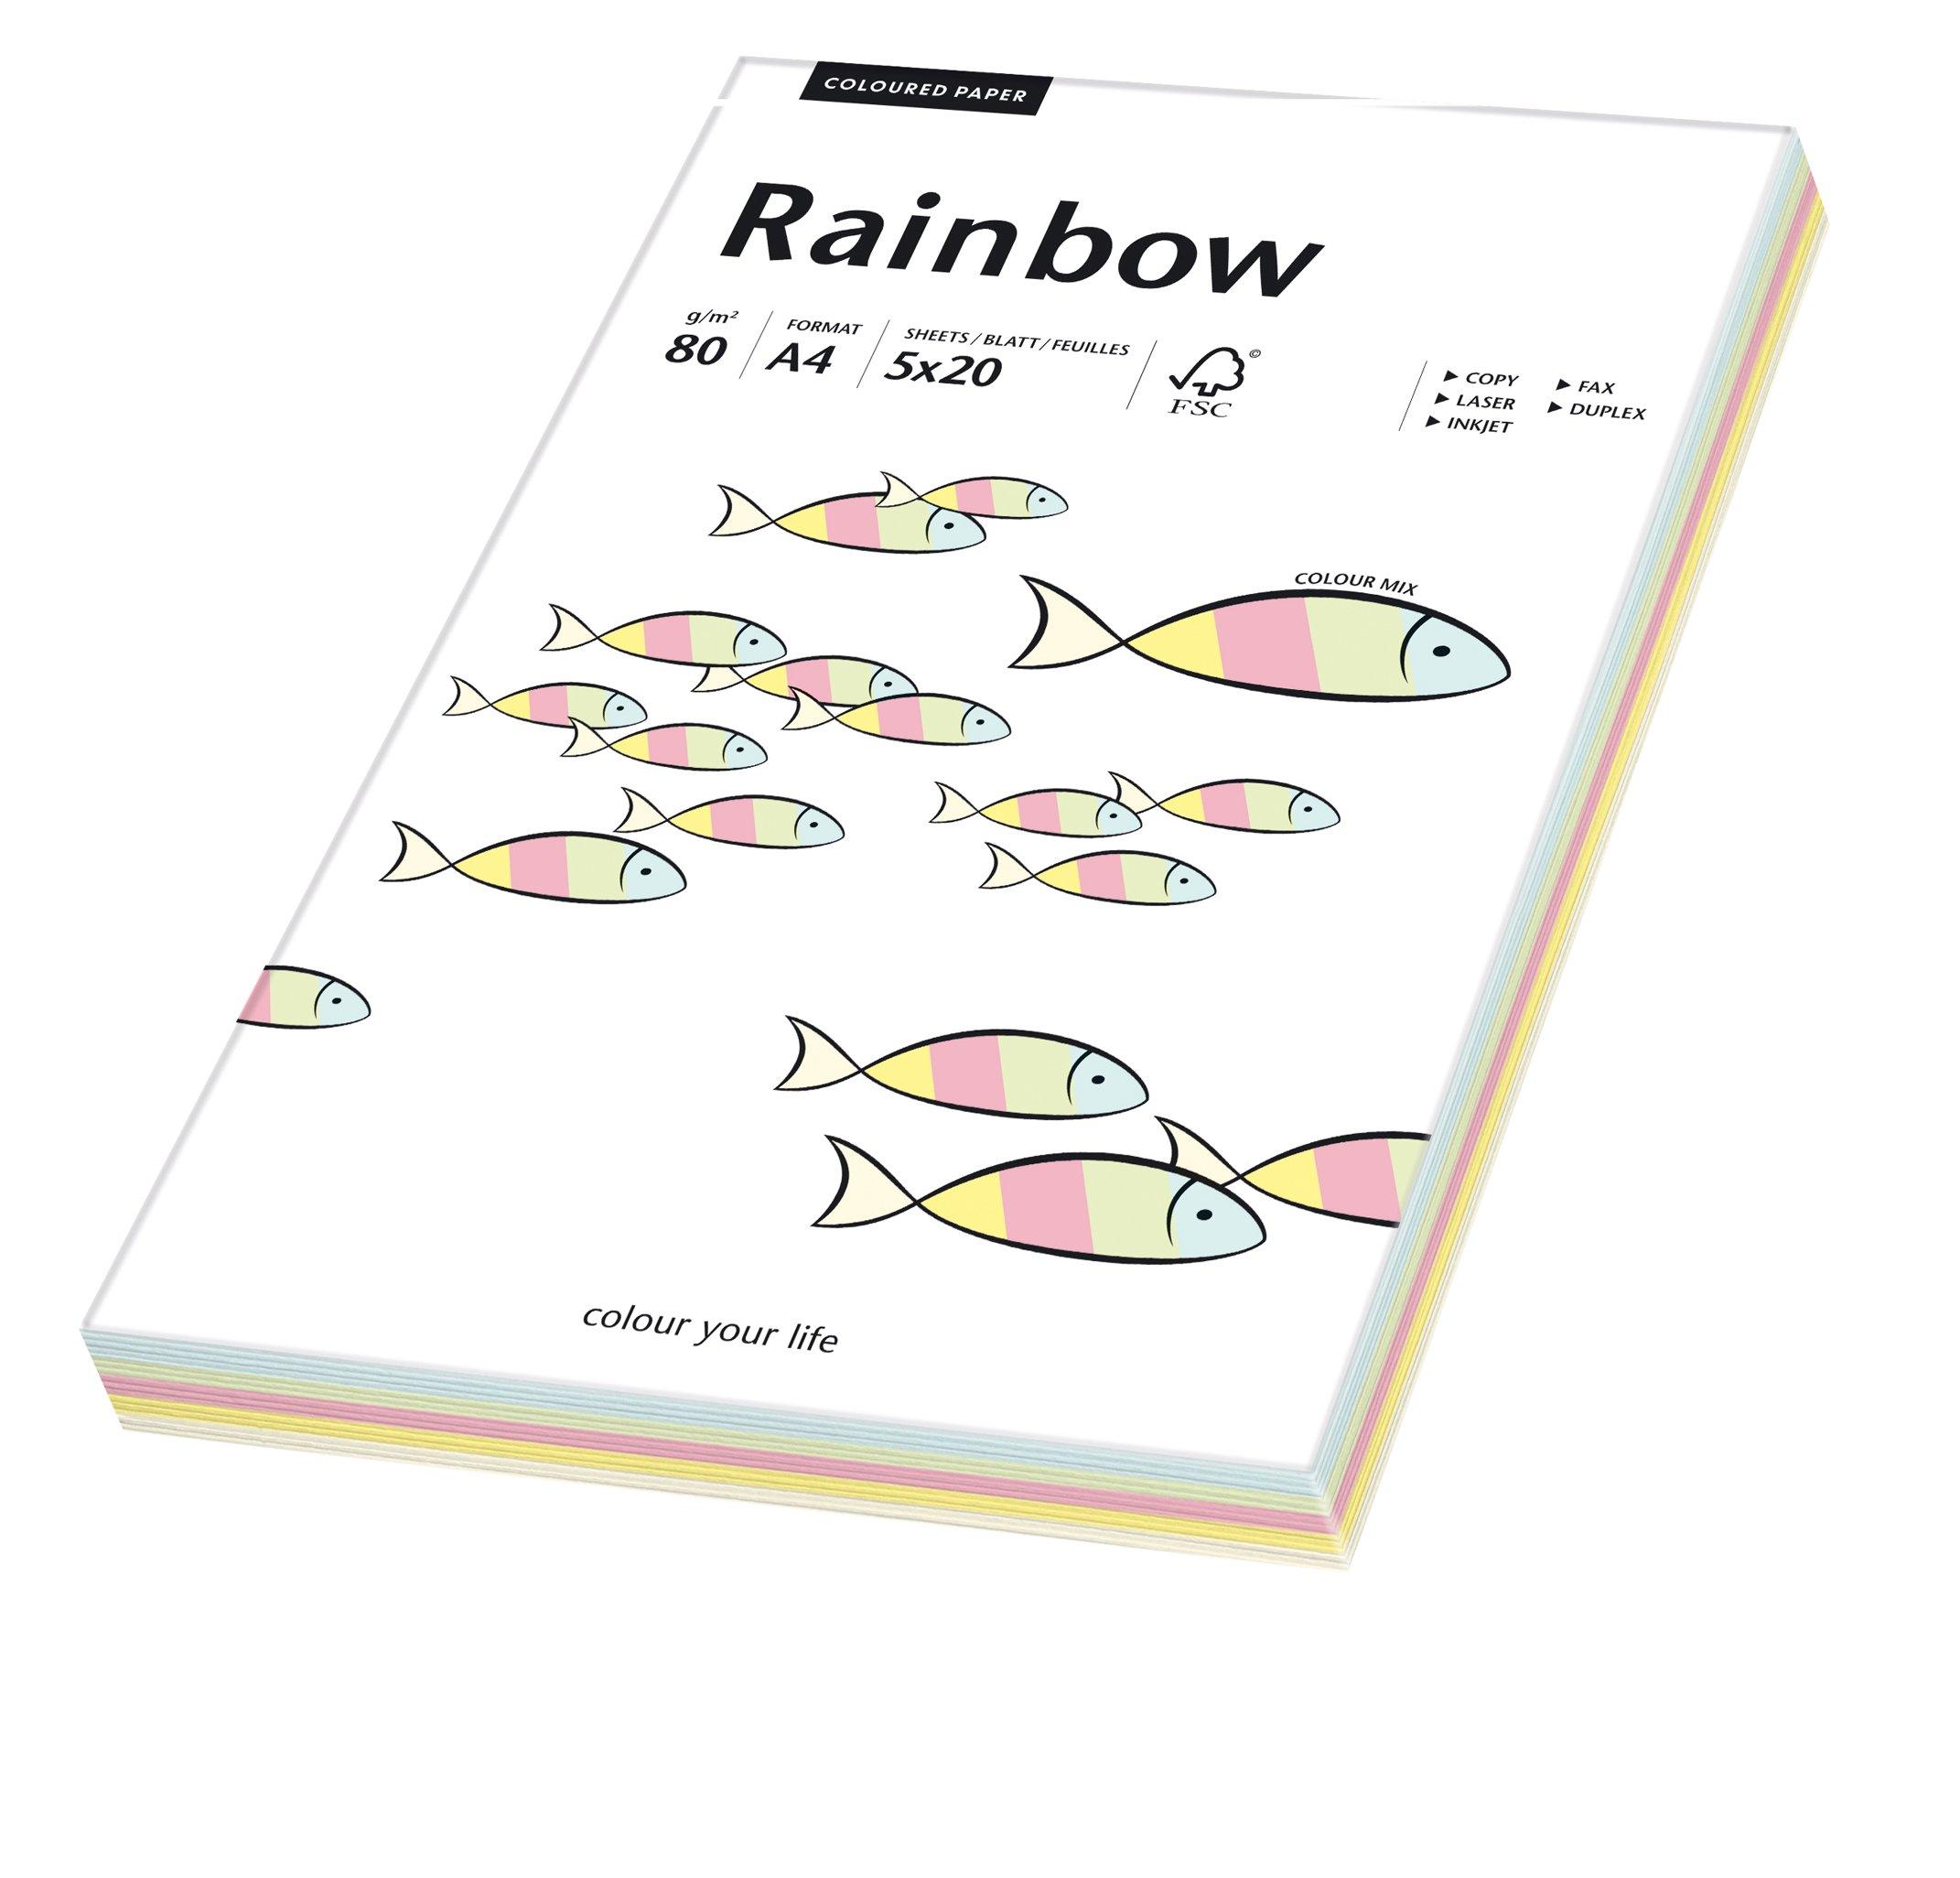 Papyrus 88043187 Drucker  Kopierpapier Bastelpapier Rainbow  80 G M² A4 100 Blatt Mixed Pastell  Rot Orange Gelb Blau Grün